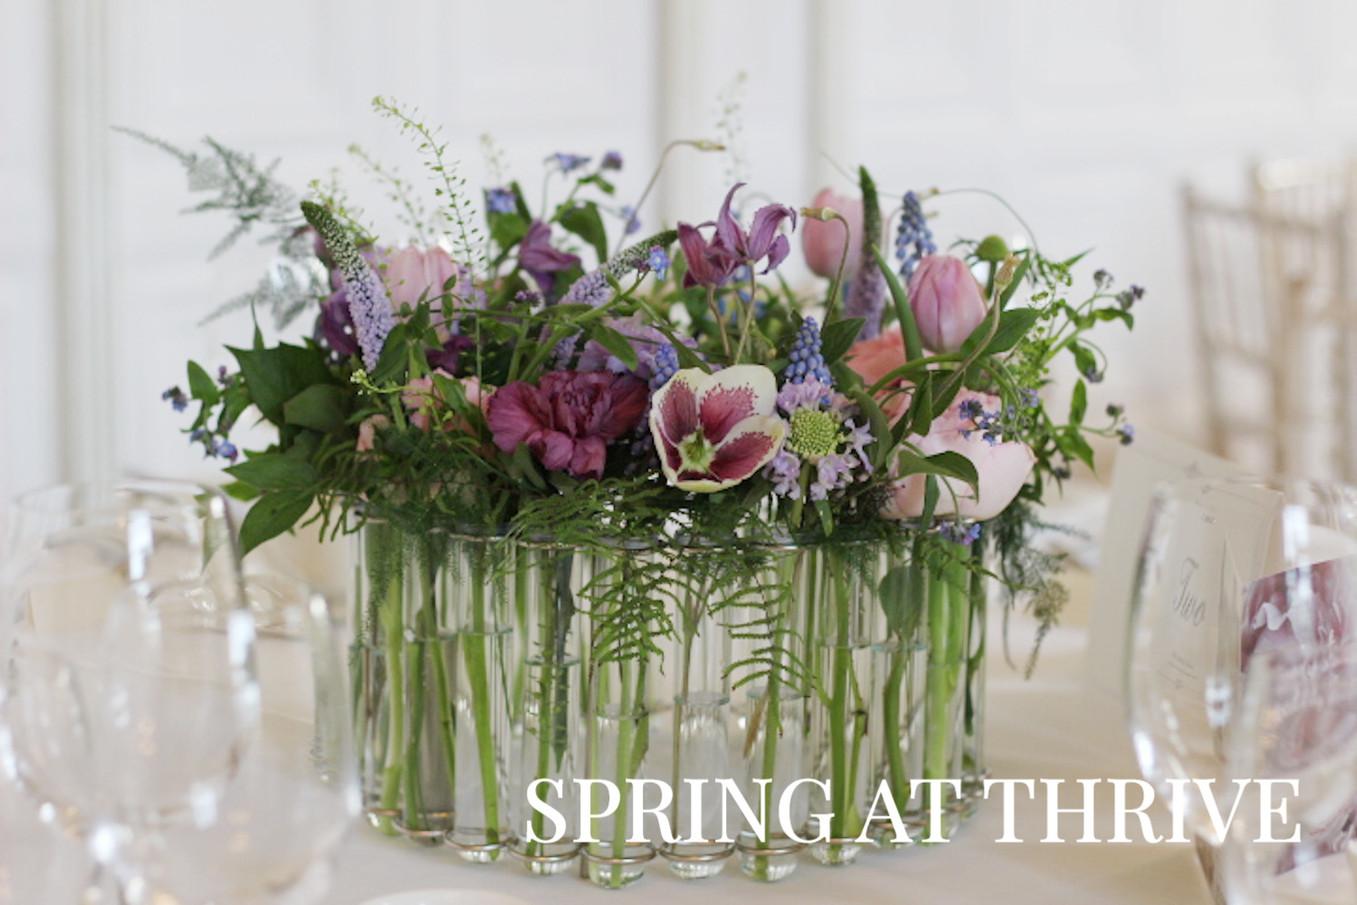 Spring at Thrive